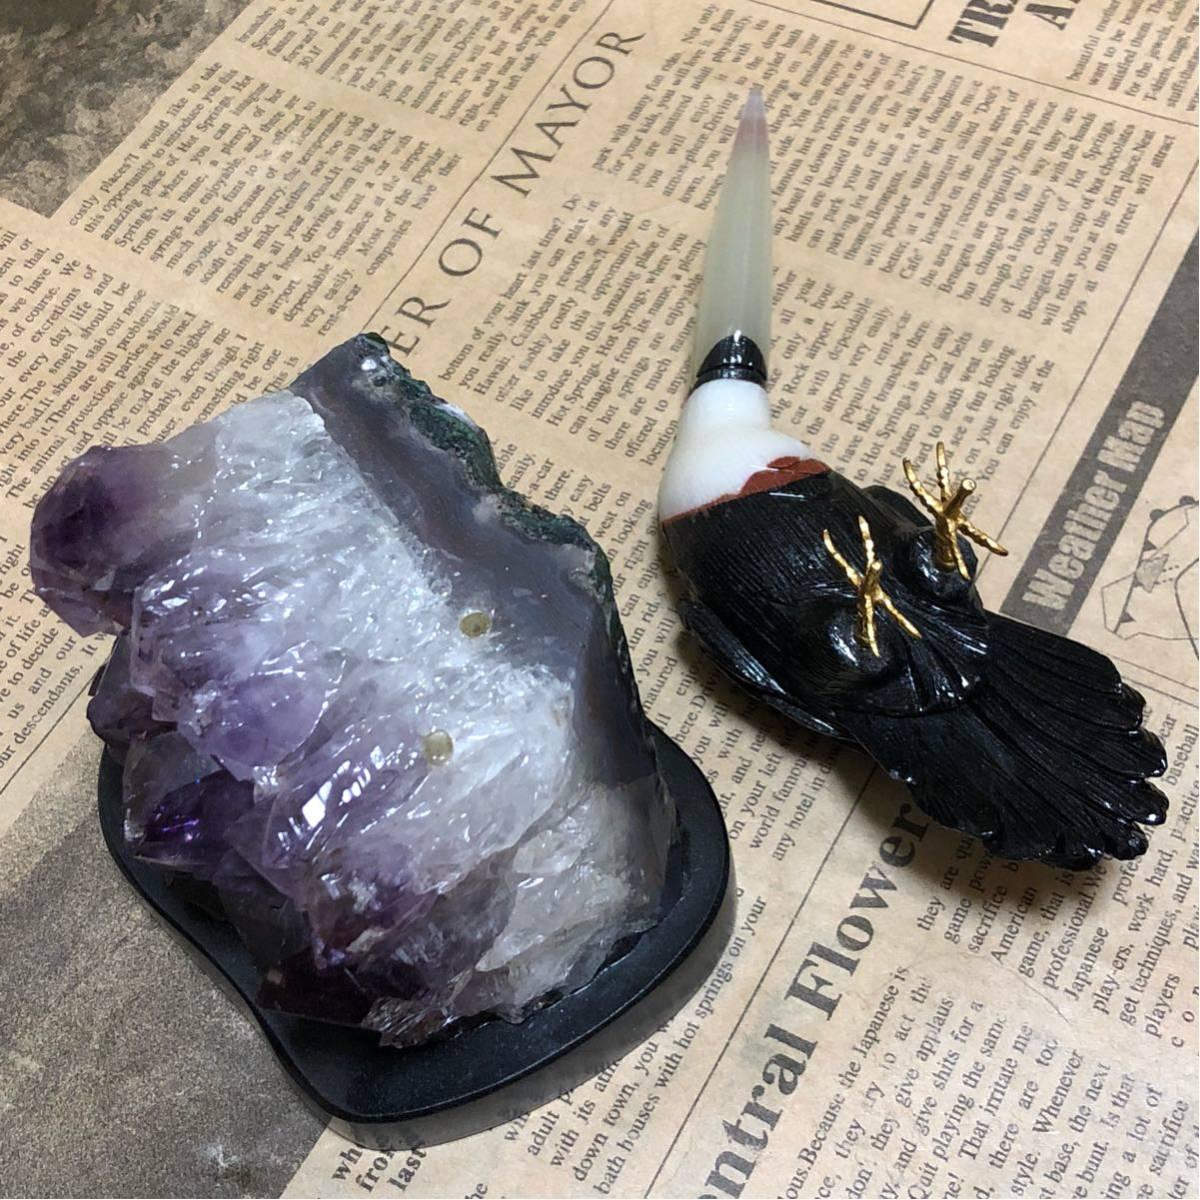 アメジスト 596g 天然石 オブジェ 鳥付き 原石 パワースポット 紫水晶 結晶 誠実 真実の愛 置物_画像5